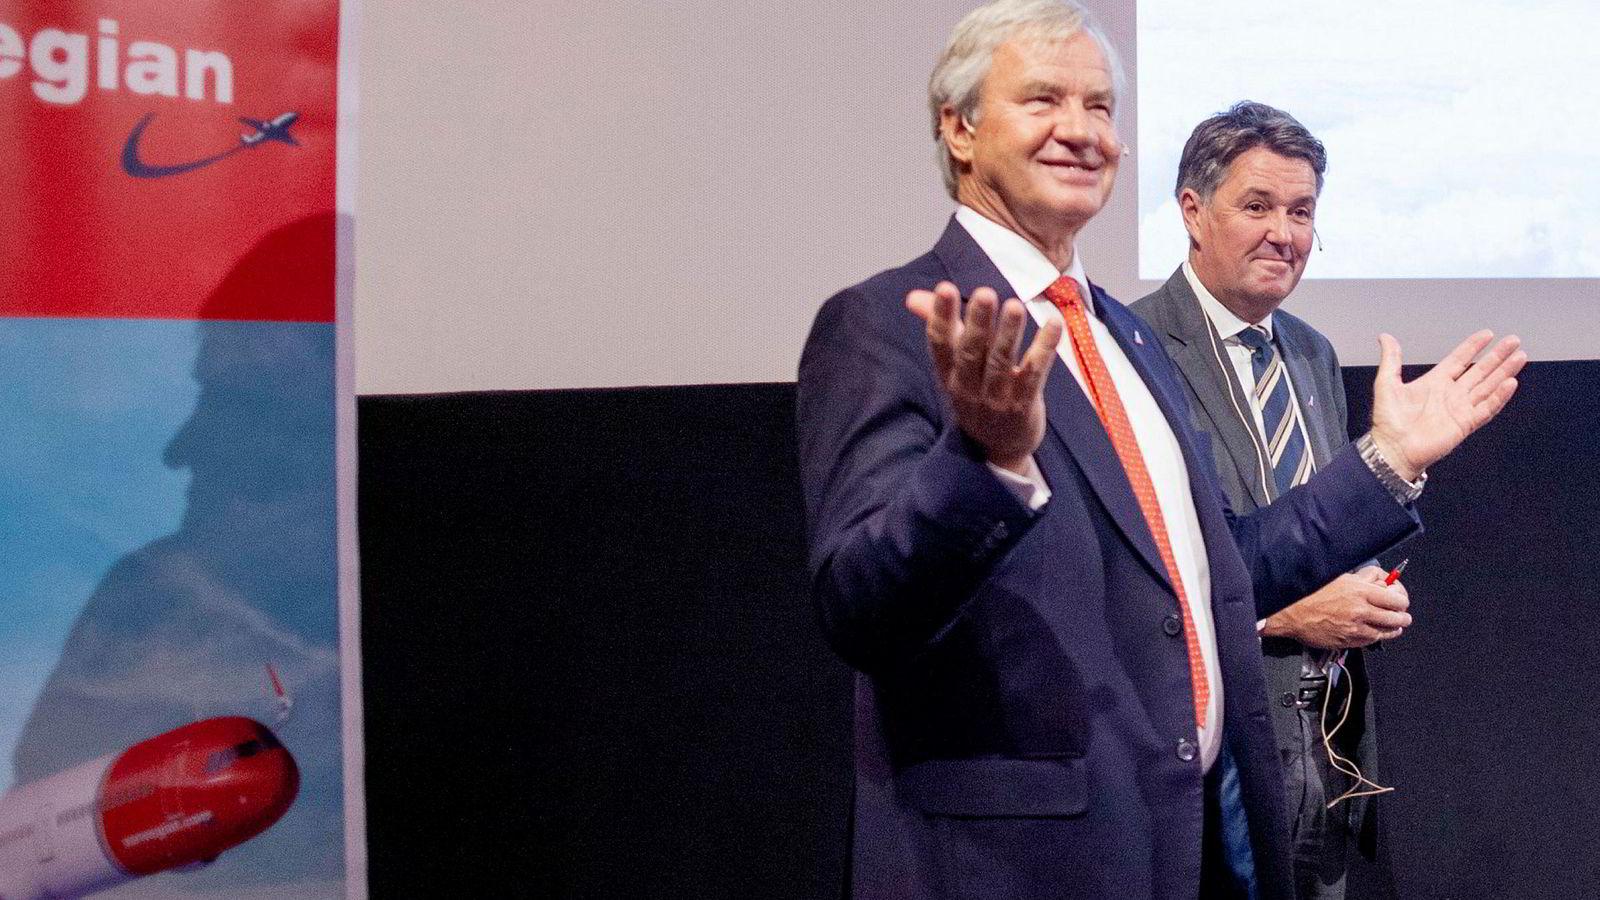 Bjørn Kjos (fra venstre) har brukt nær fire milliarder på å leie reservefly de siste årene. Fungerende toppsjef Geir Karlsen kan håpe at fabrikken Boeing snart får alle flyene på vingene igjen.